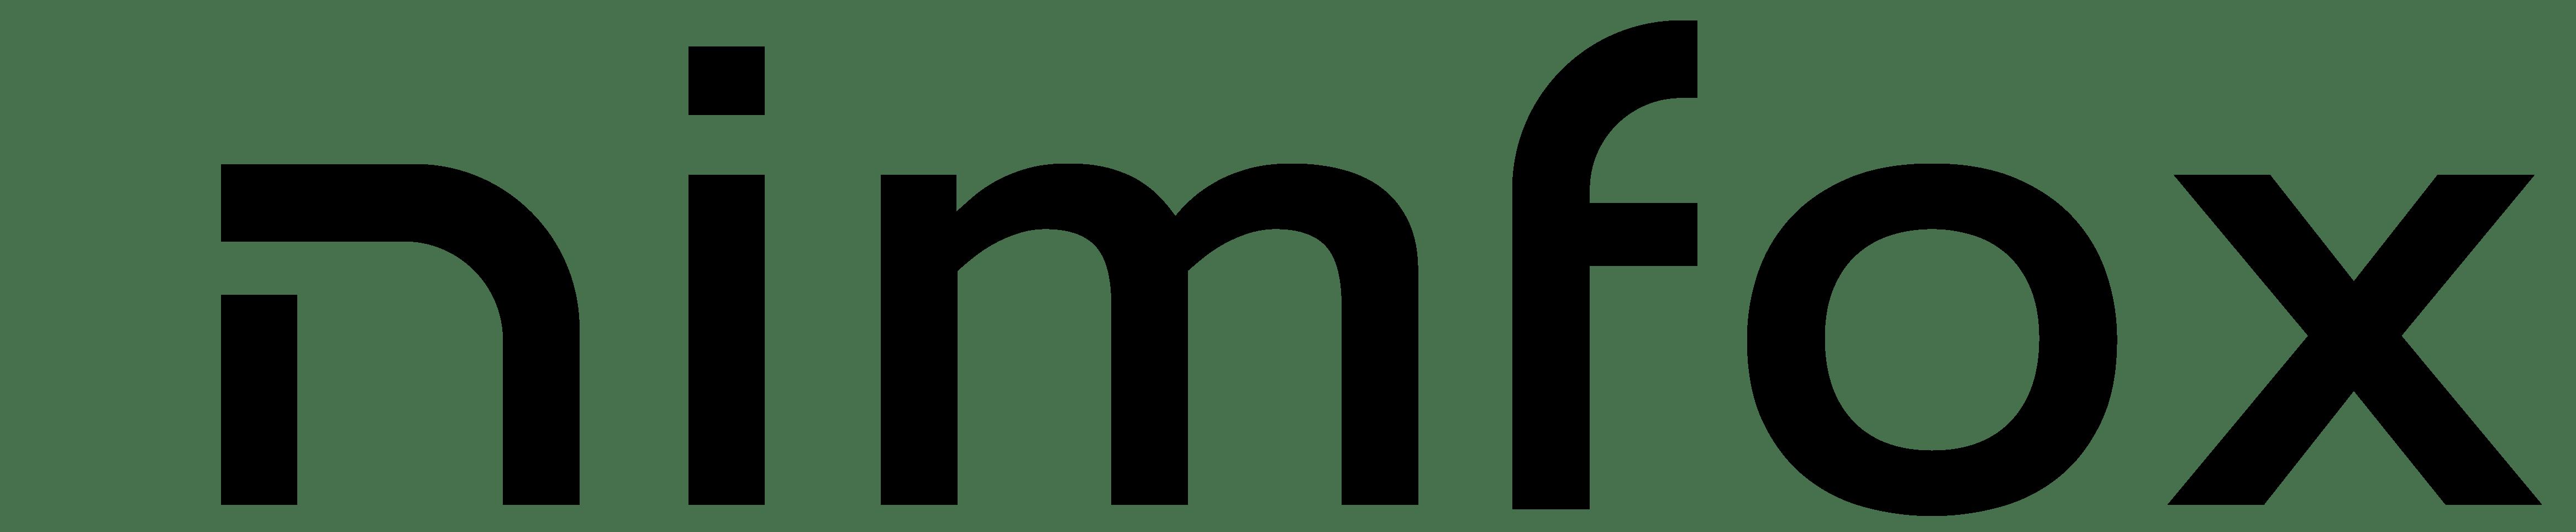 Projektmanagement Kundenmanagement CRM ERP KMU Tool System Cloud Mac Windows Schweiz Zuerich Winterthur Schaffhausen St. Gallen Unternehmen KMU